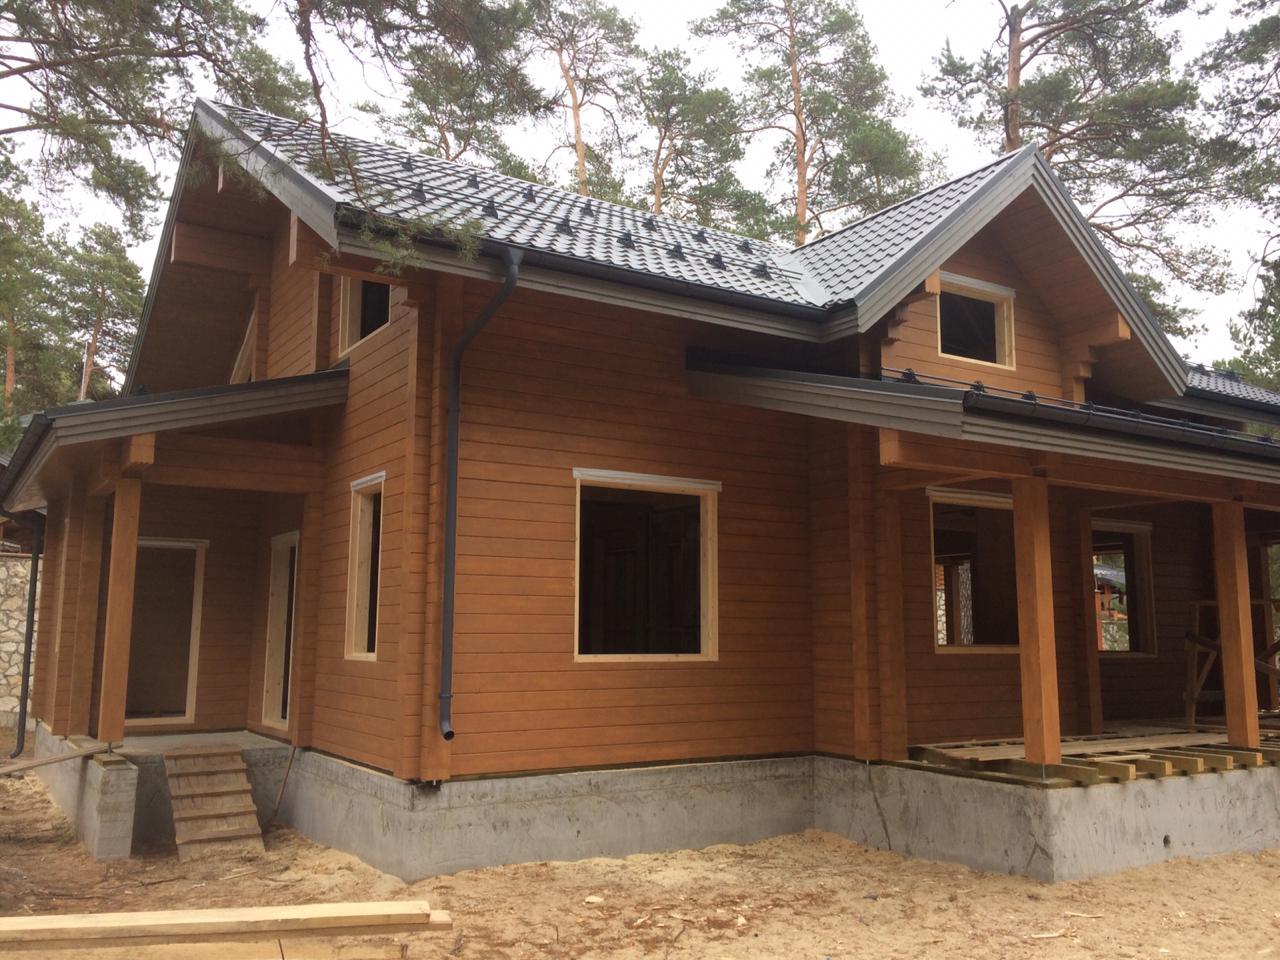 монтаж обсады в деревянный дом